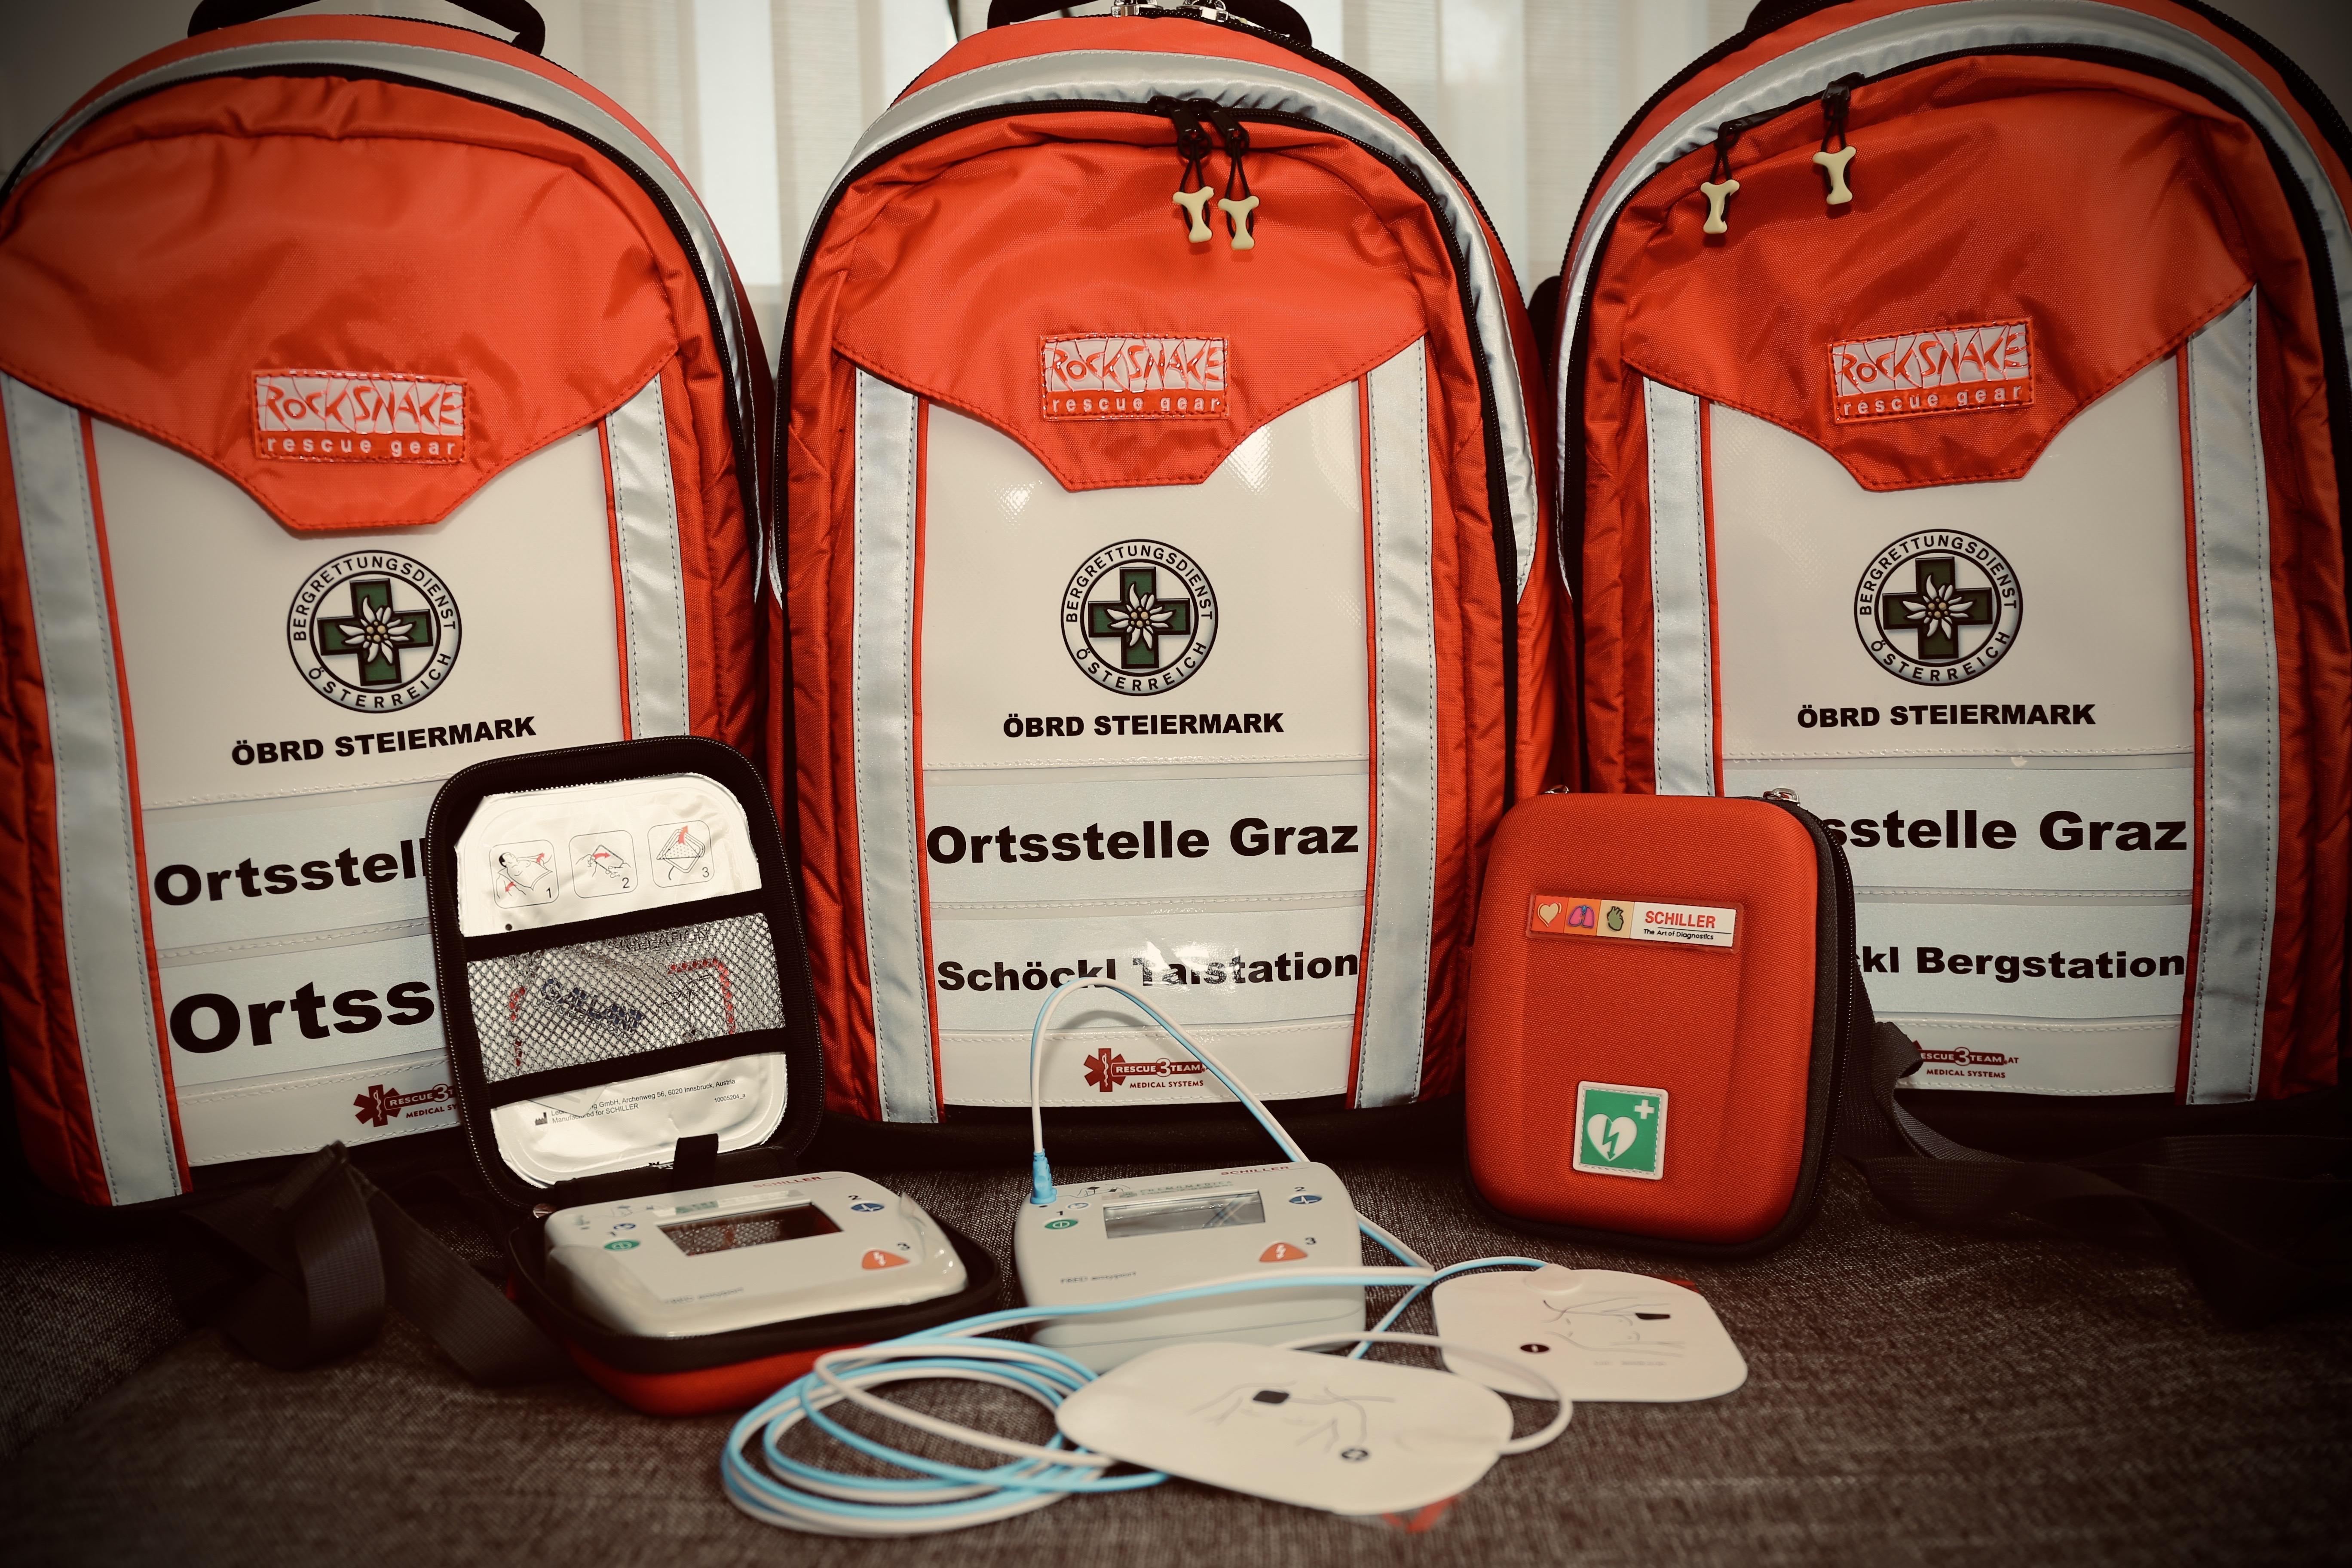 Ortsstelle Graz wird von Magna Steyr mit zwei Defibrillatoren ausgestattet